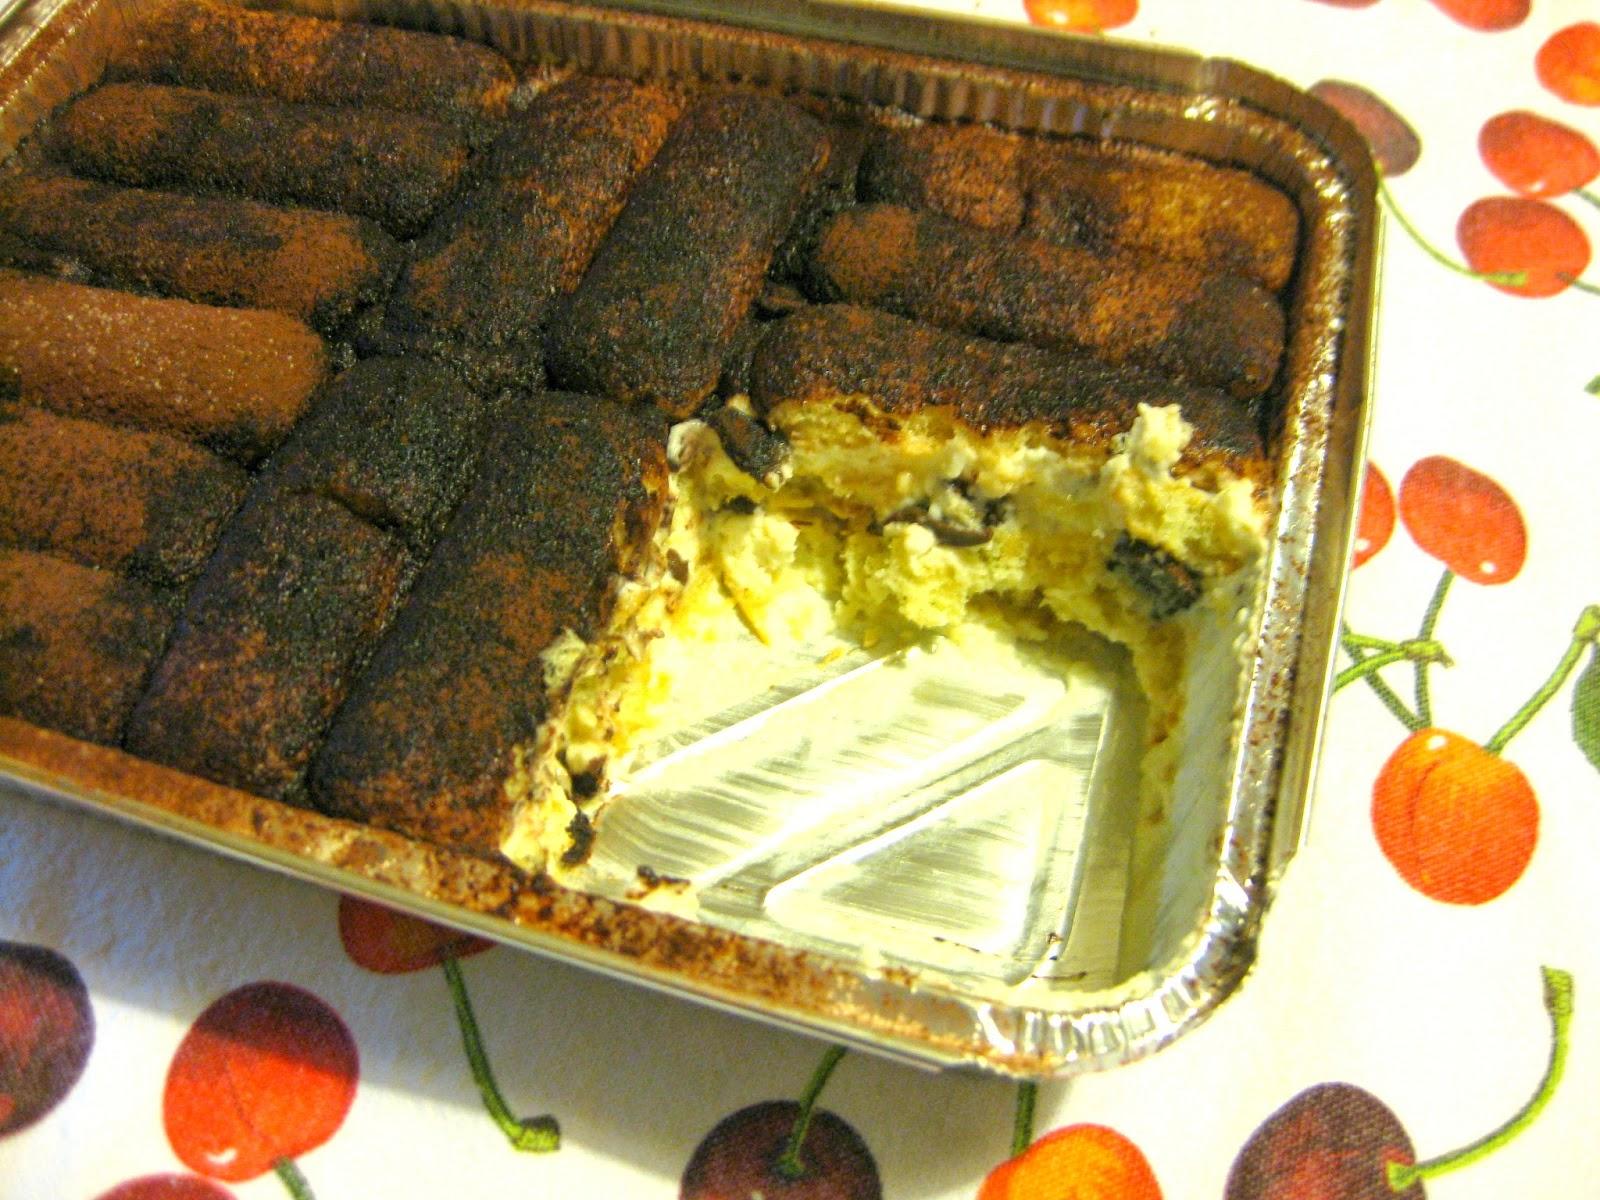 Il tiramisù è un dolce classico che viene rivisitato in chiave estiva con ricotta e cioccolato.